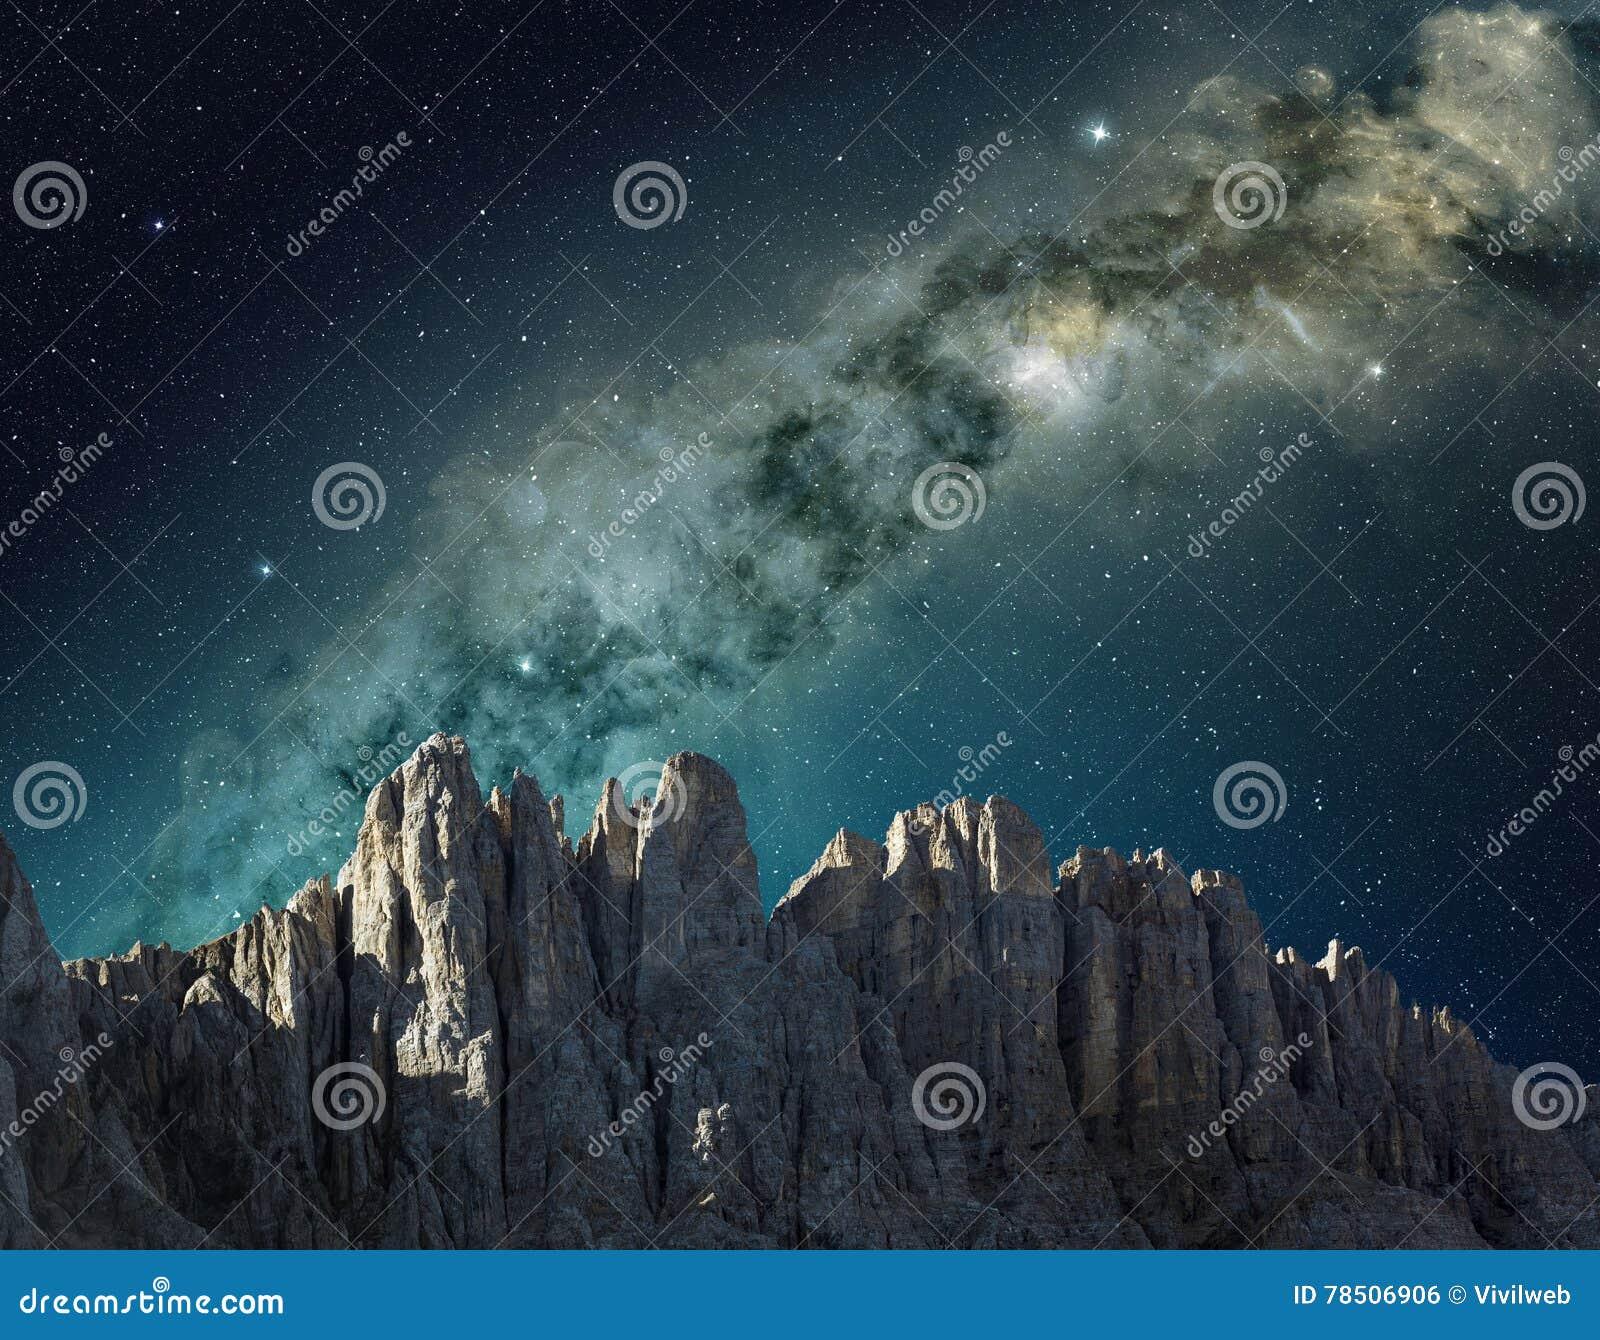 Night sky in mountain landscape